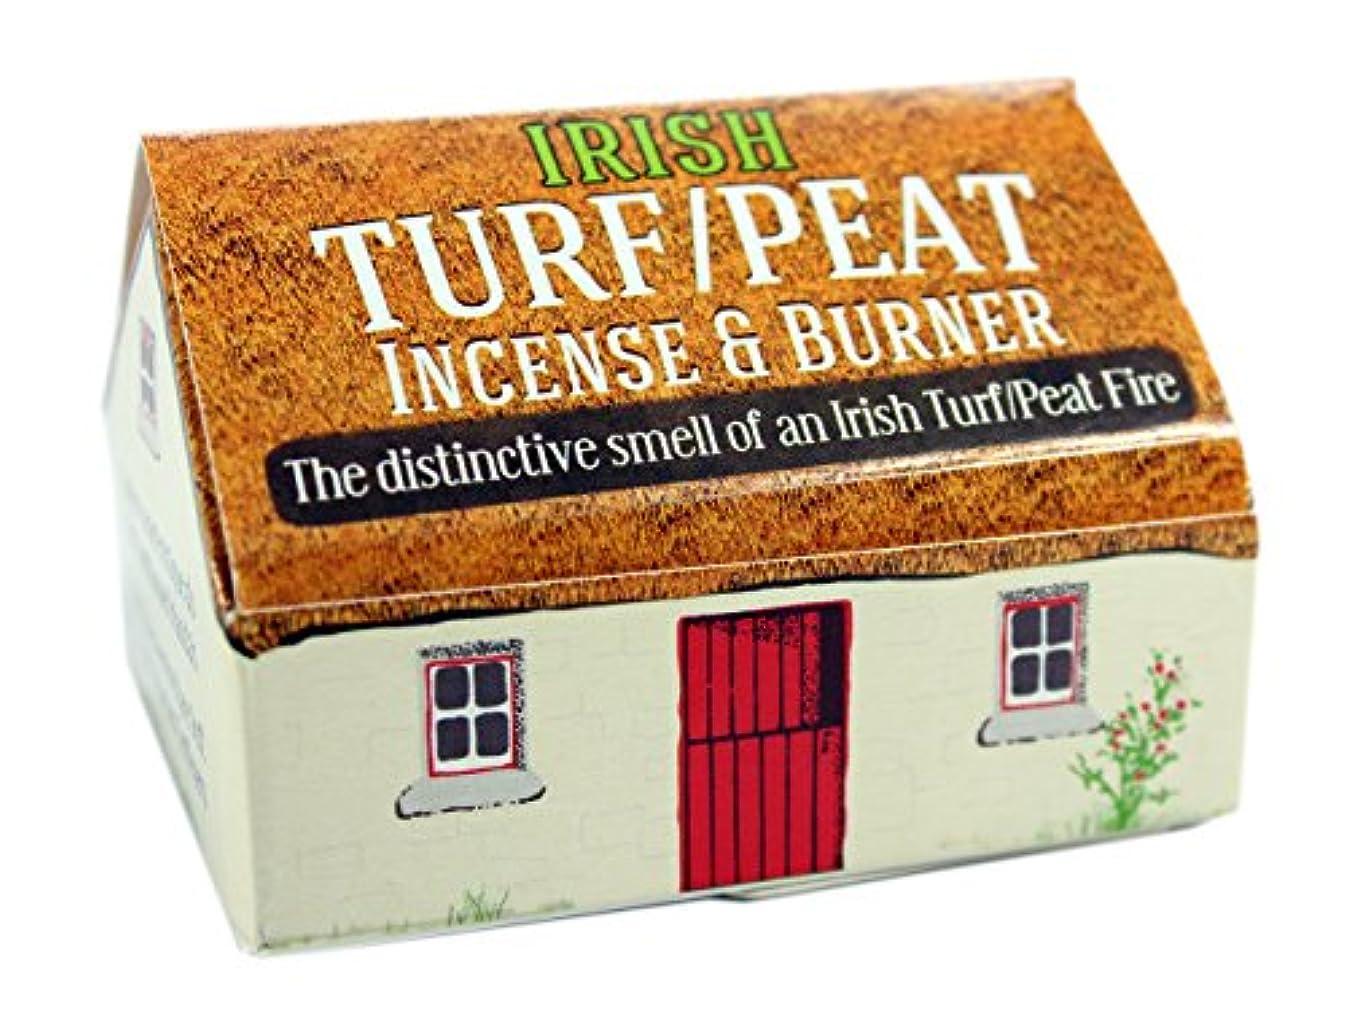 お手伝いさんアカデミック航空会社Irish Turf/peat Incense And 3.8cm Sq Burner Plate,beige, New